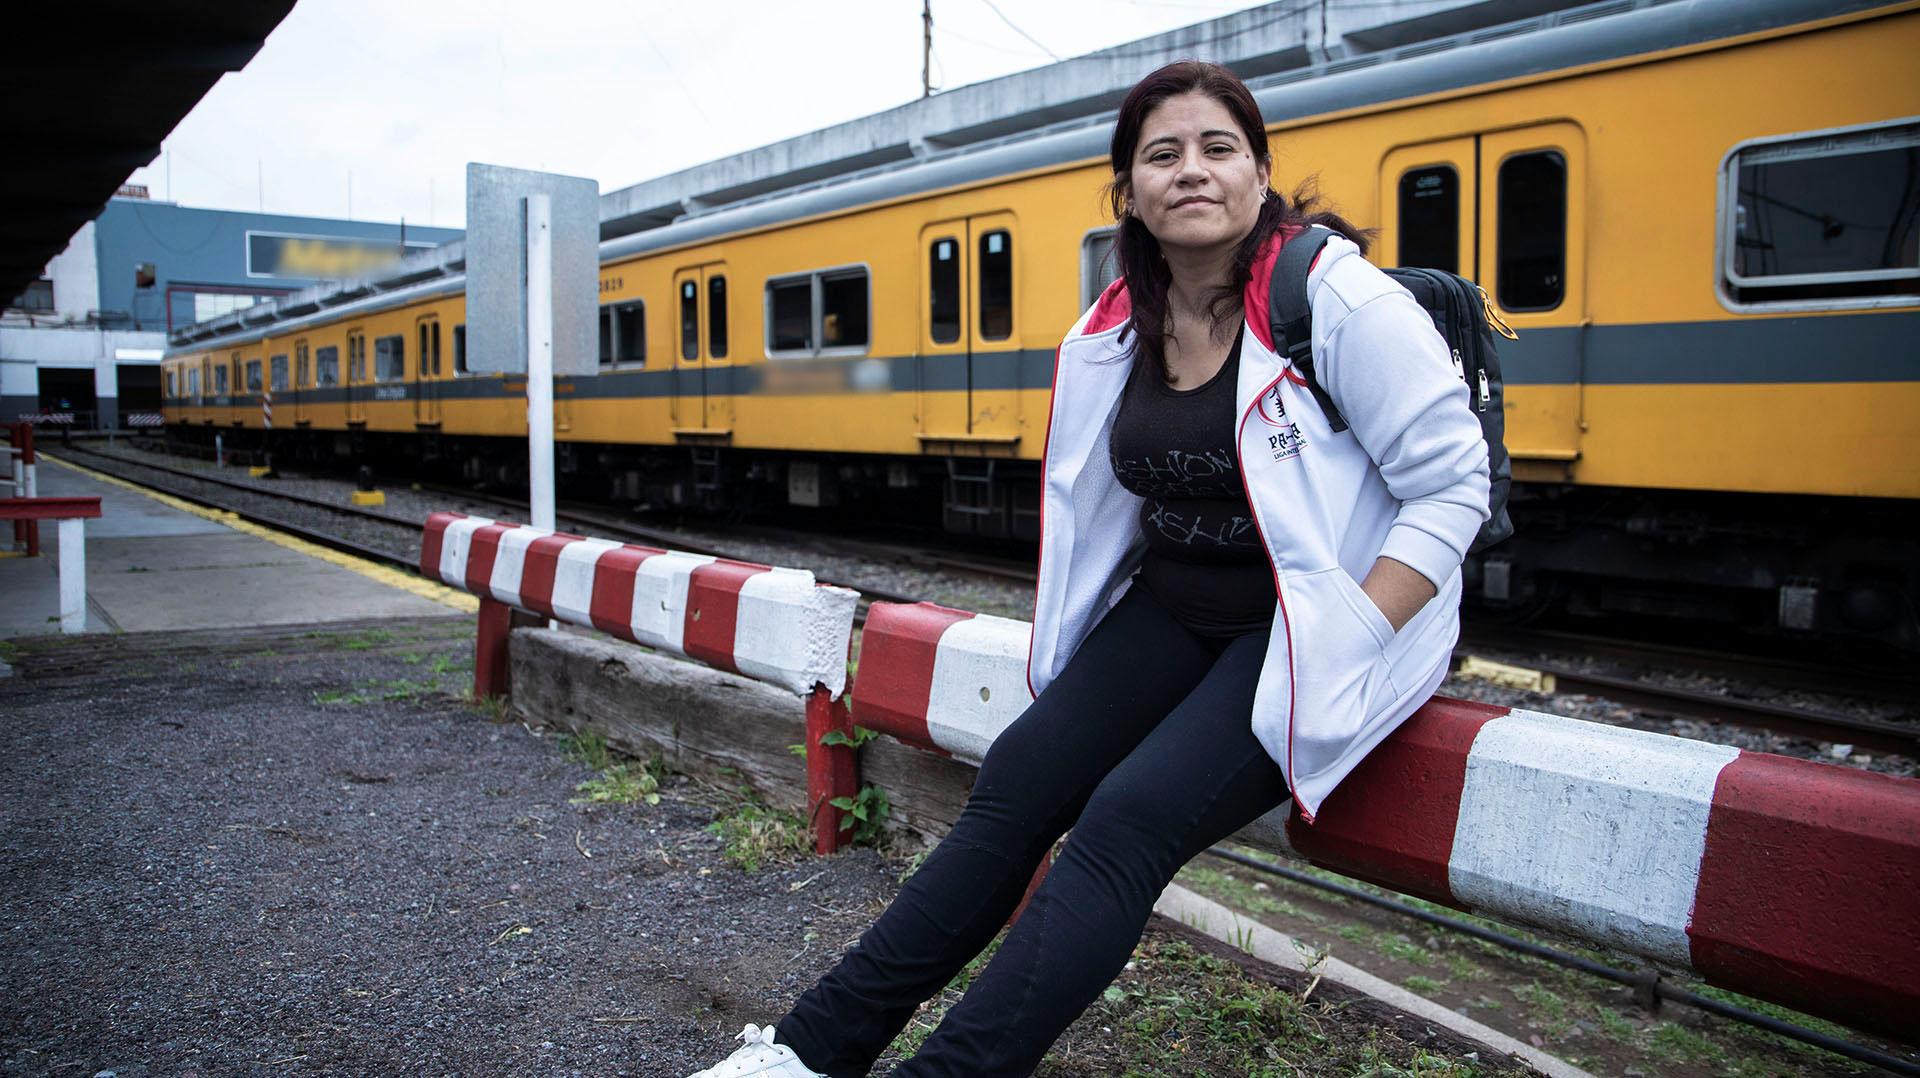 Una estación de tren, ahora en Chacarita, es el lugar elegido para enmarcar su historia (L. Althabe)